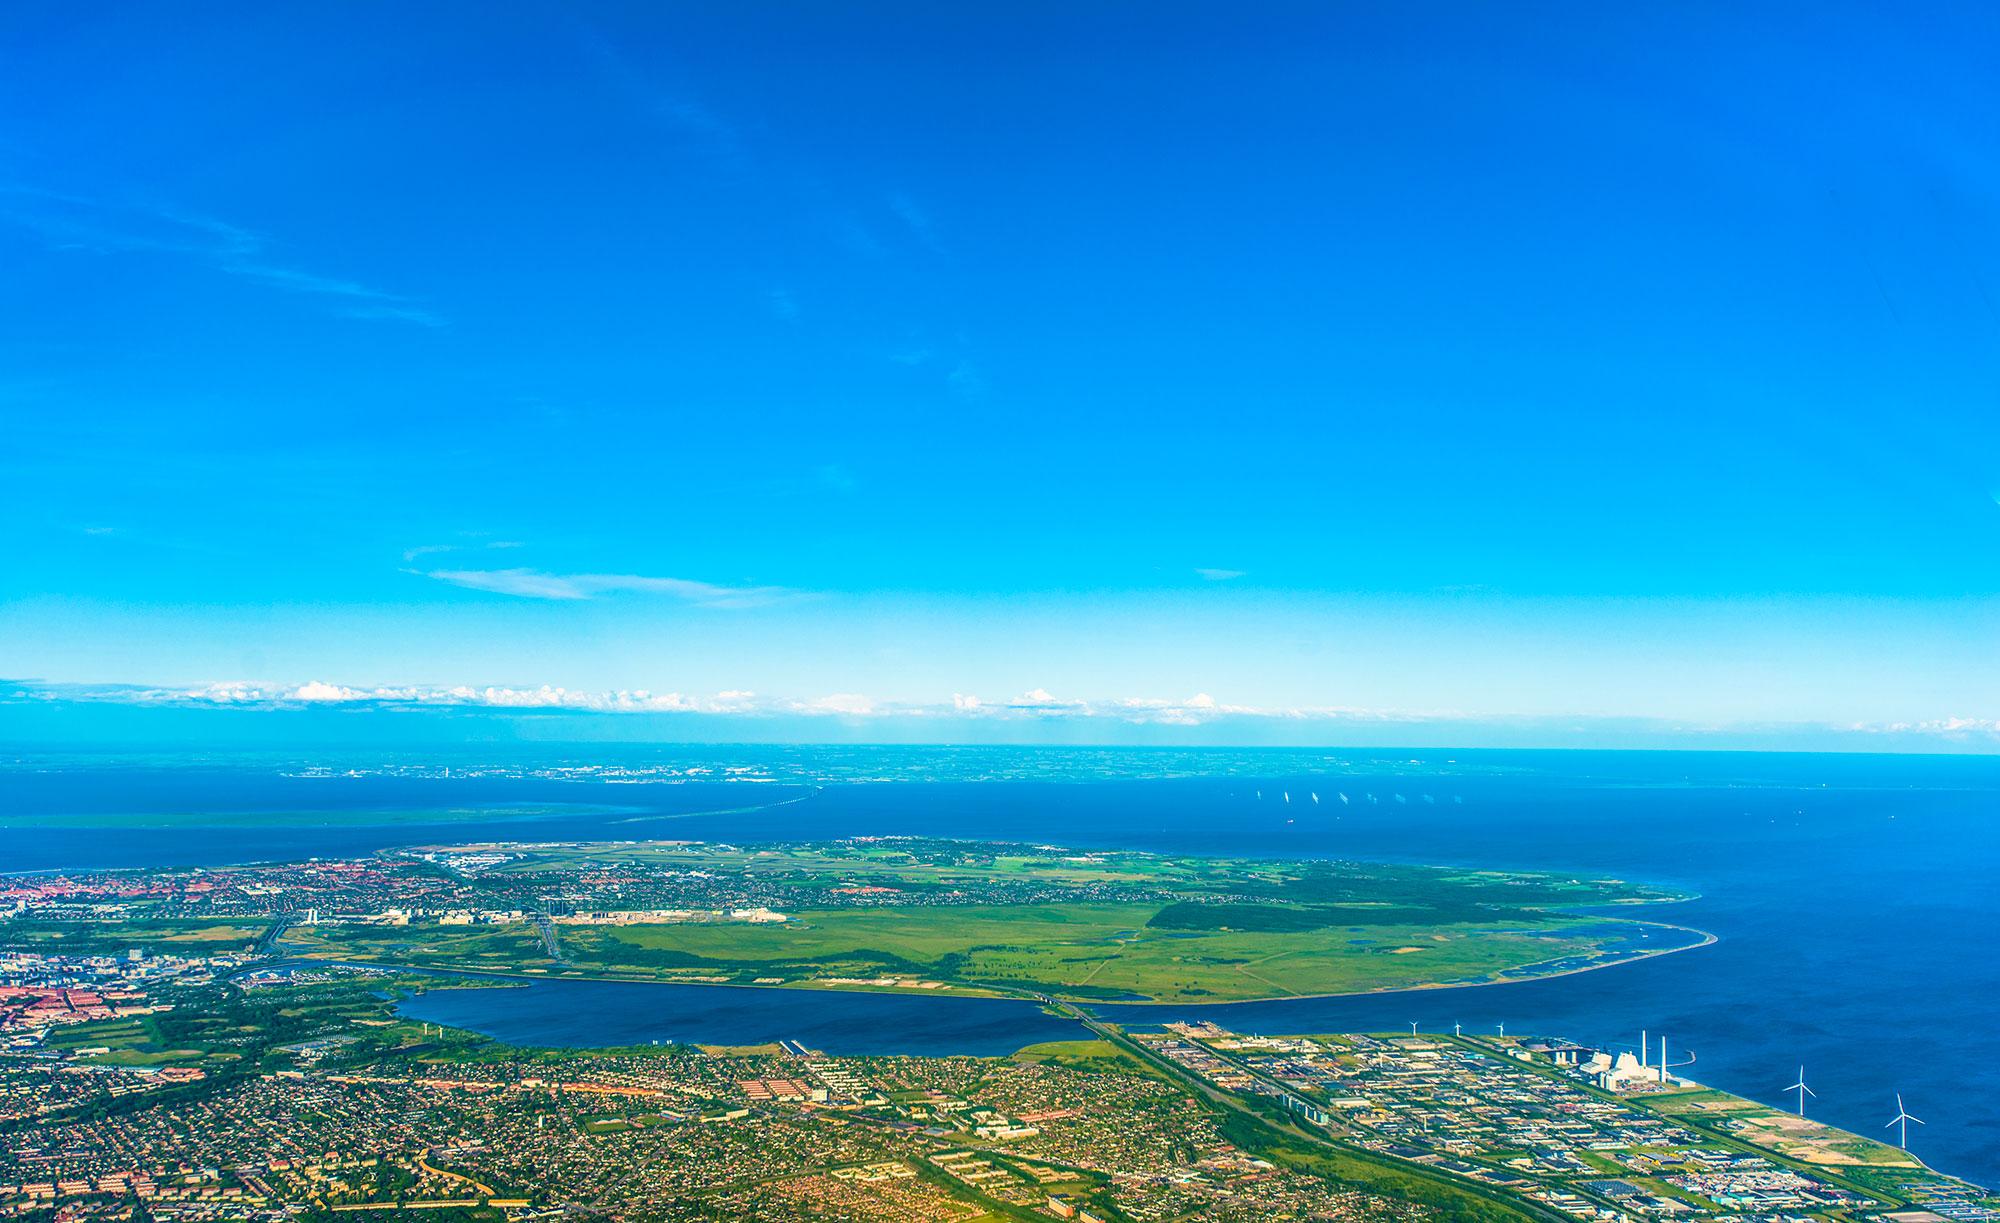 Luftfoto af amager, køge bugt og advedøre holme